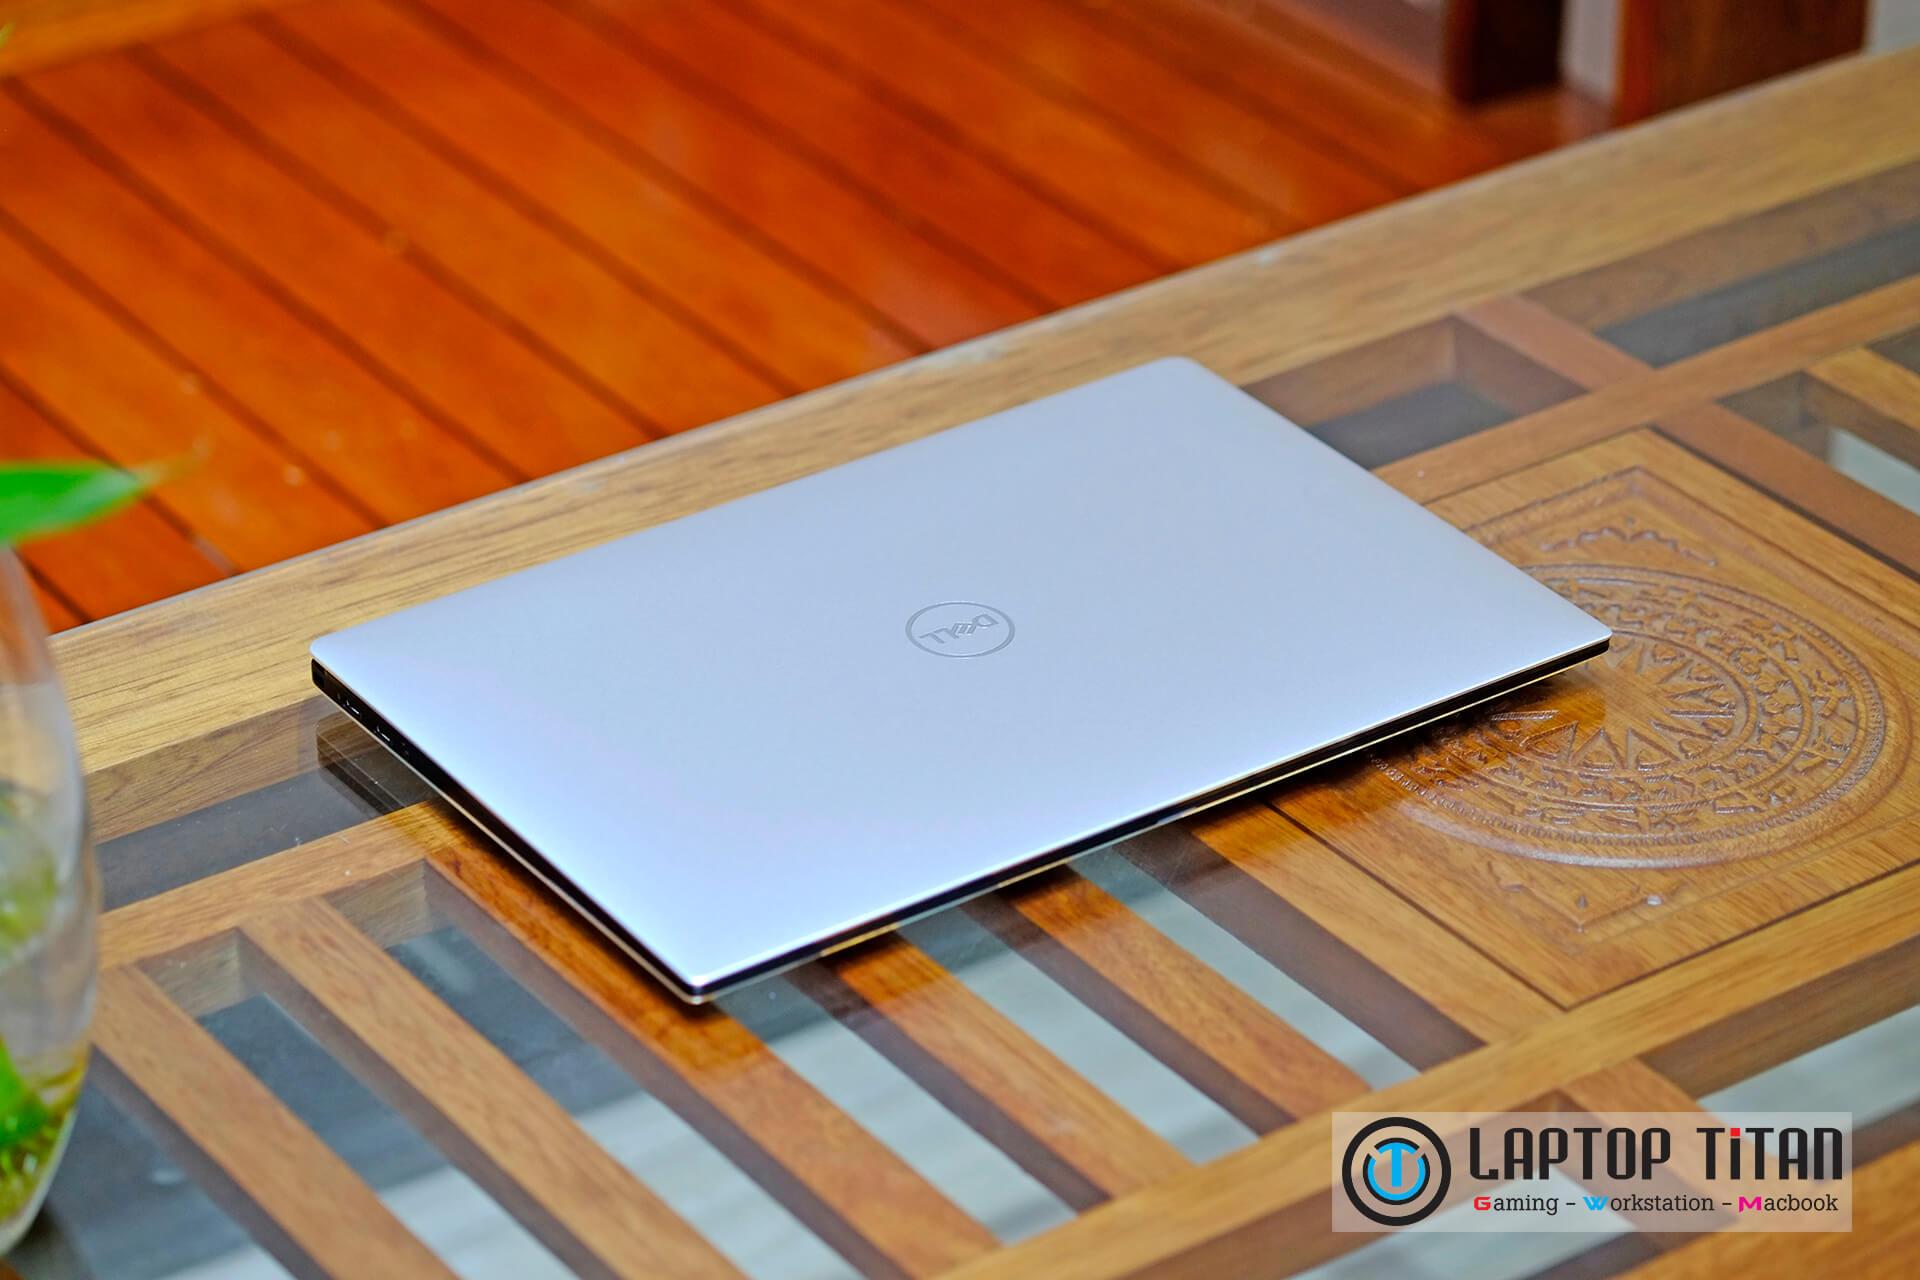 Dell Xps 13 7390 Laptoptitan 01